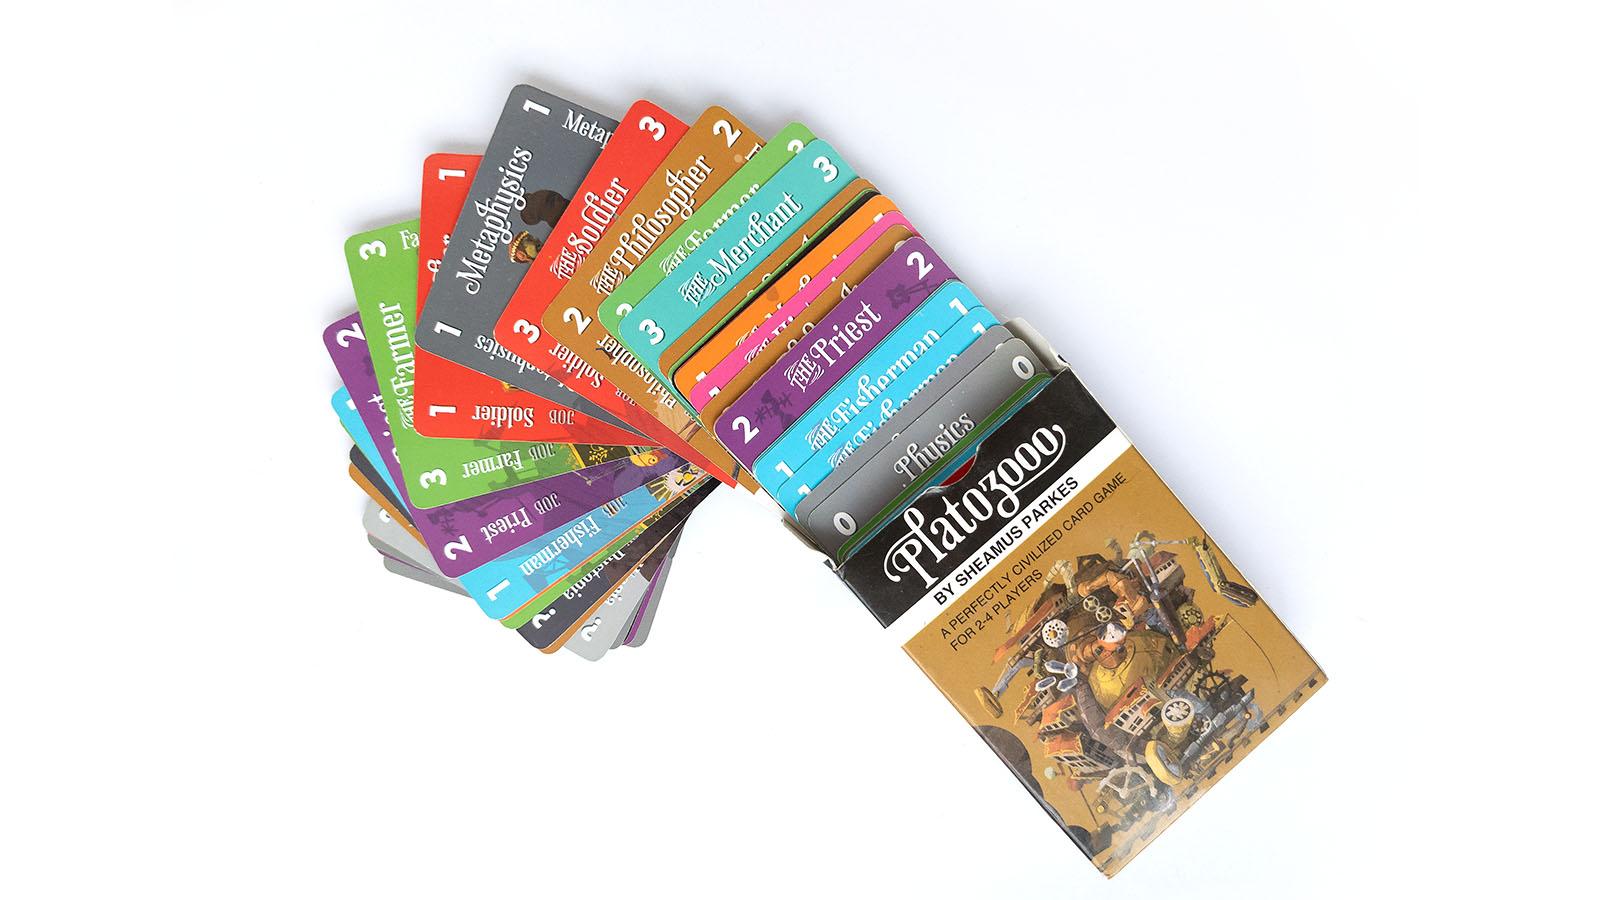 """Aufmacherbild das Packungsgestaltung des Spiels """"Plato 3000"""" von Cambridge Games Factory zeigt, sowie einige Karten die aus der Packung hervorschauen."""